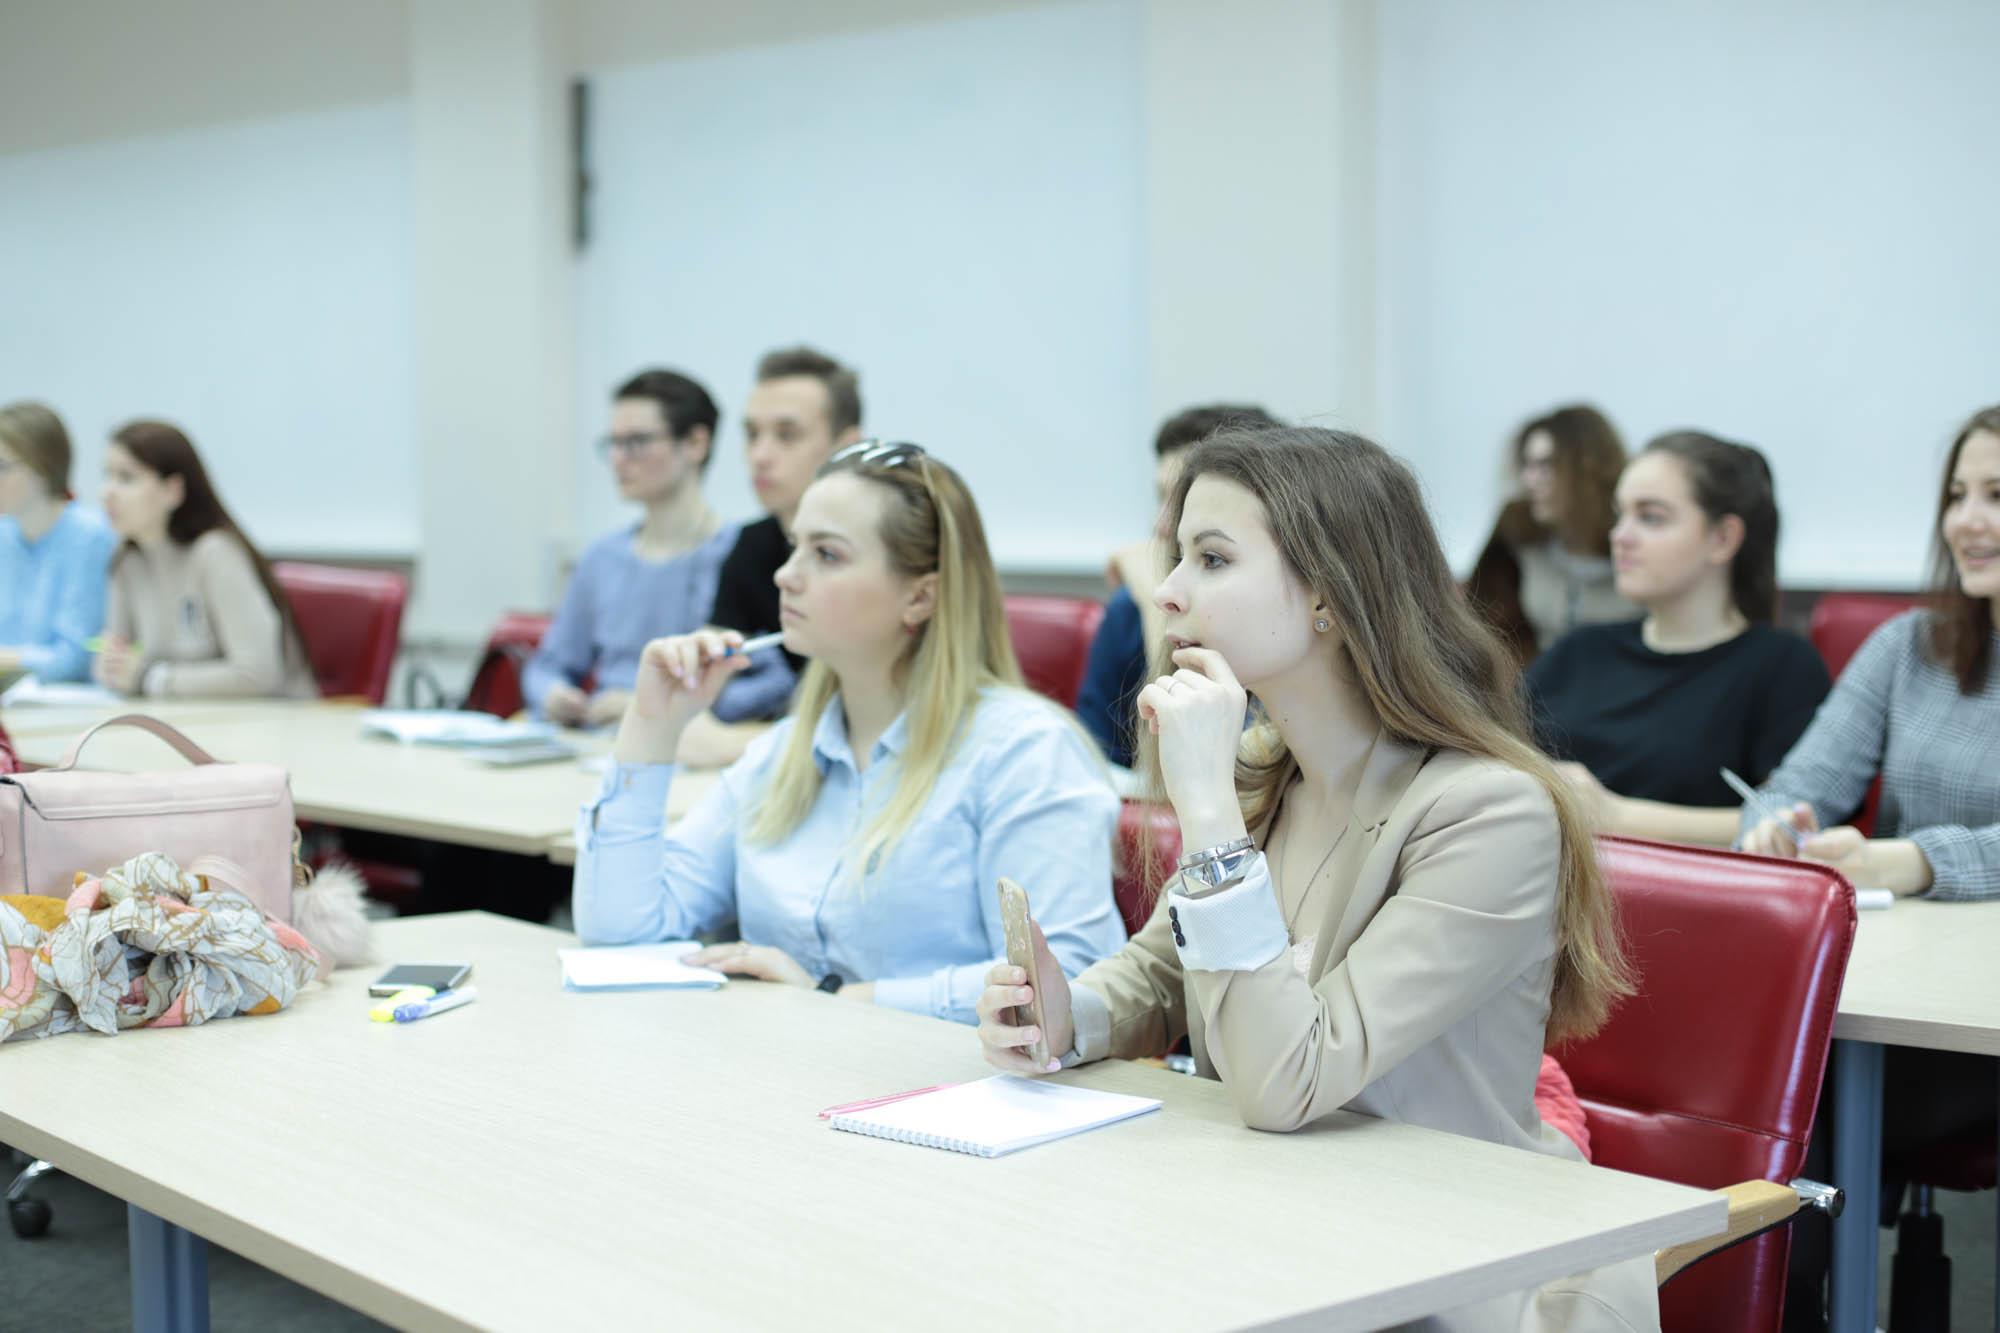 20 августа 2019 г. в Мининском университете пройдет лекция по теме: «Россиеведение в США до Второй мировой войны и российское зарубежье»